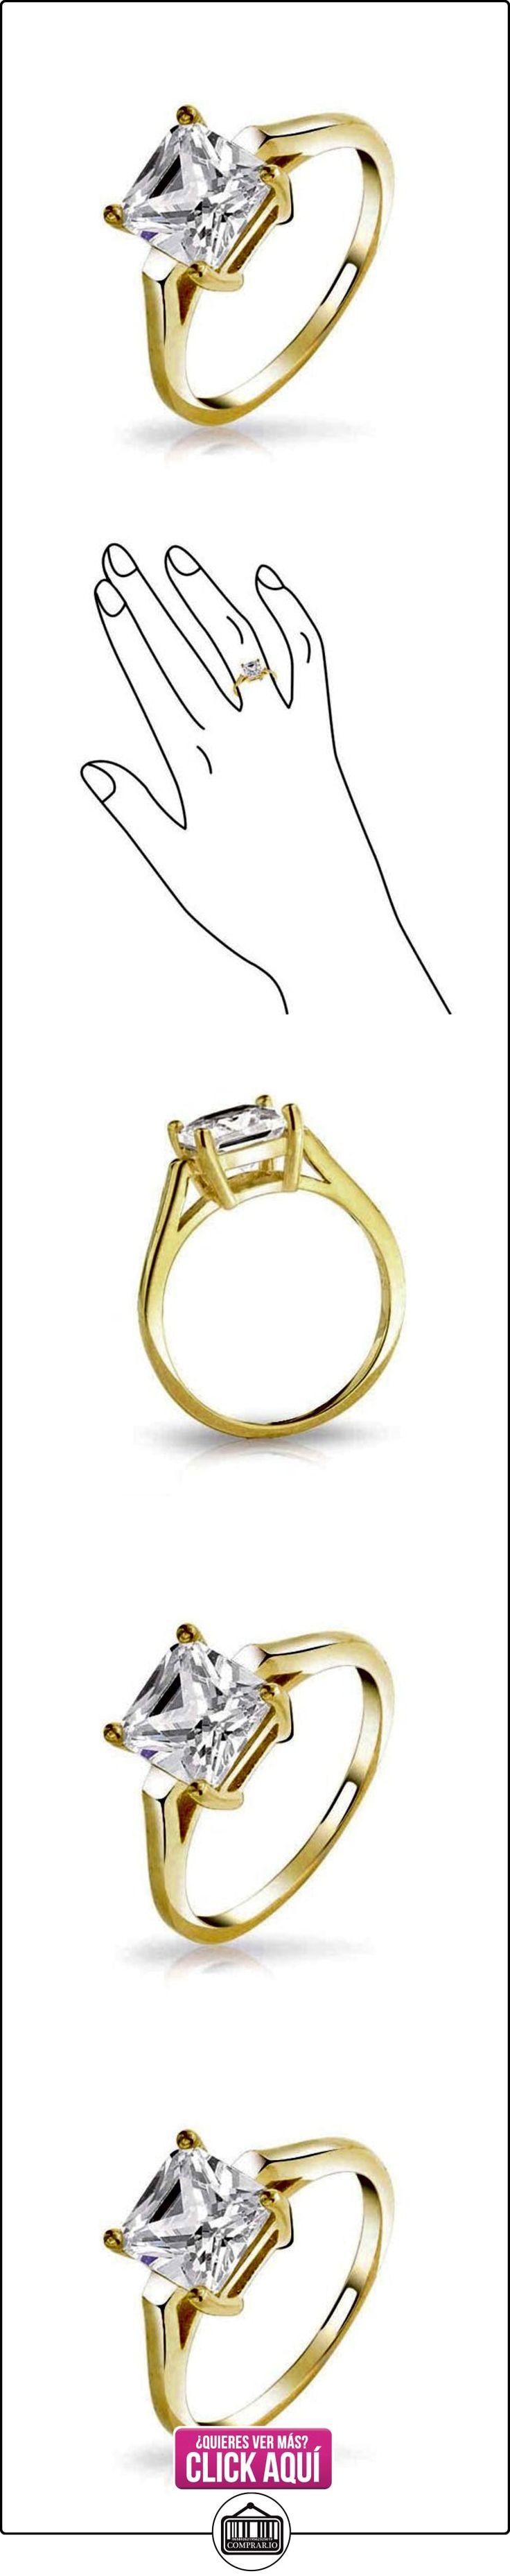 Bling Jewelry Plata de Ley Chapado en Oro Corte Princesa Solitario CZ Anillo de Compromiso 2 Quilates  ✿ Joyas para mujer - Las mejores ofertas ✿ ▬► Ver oferta: https://comprar.io/goto/B00EZ7B7W4